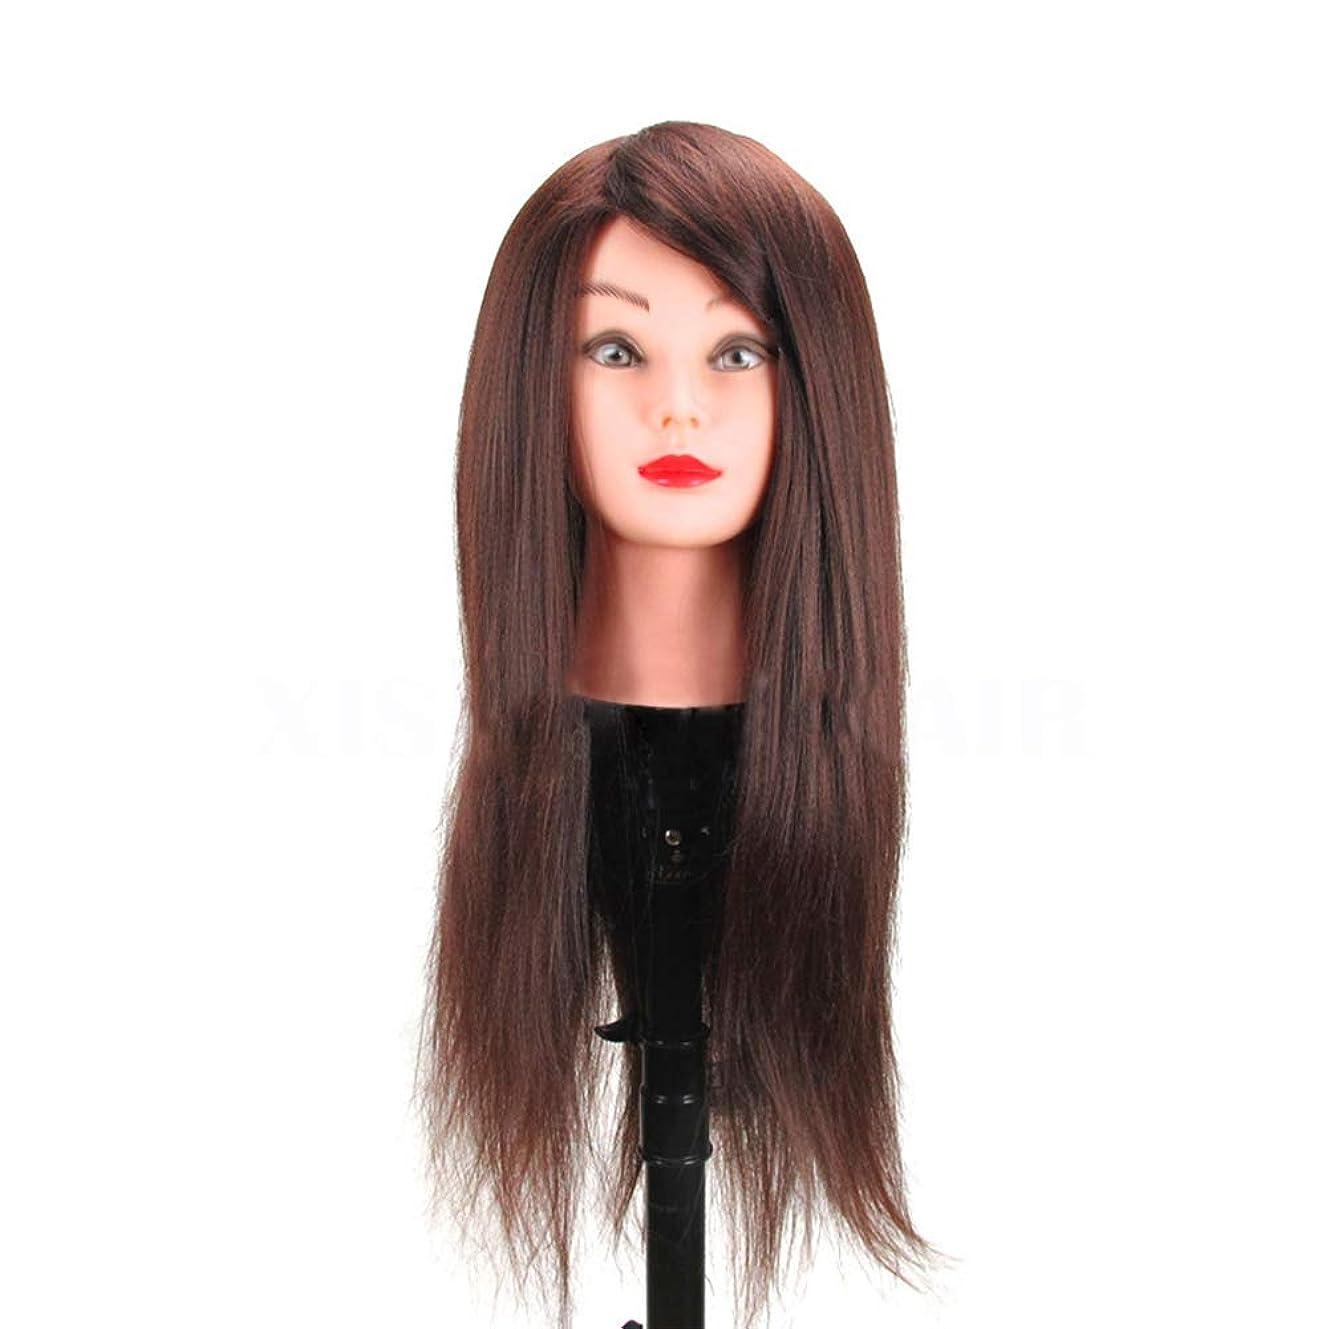 グリーンランド増強する他の場所高温シルク編組ヘアスタイリングヘッドモデル理髪店理髪ダミーヘッド化粧練習マネキンヘッド